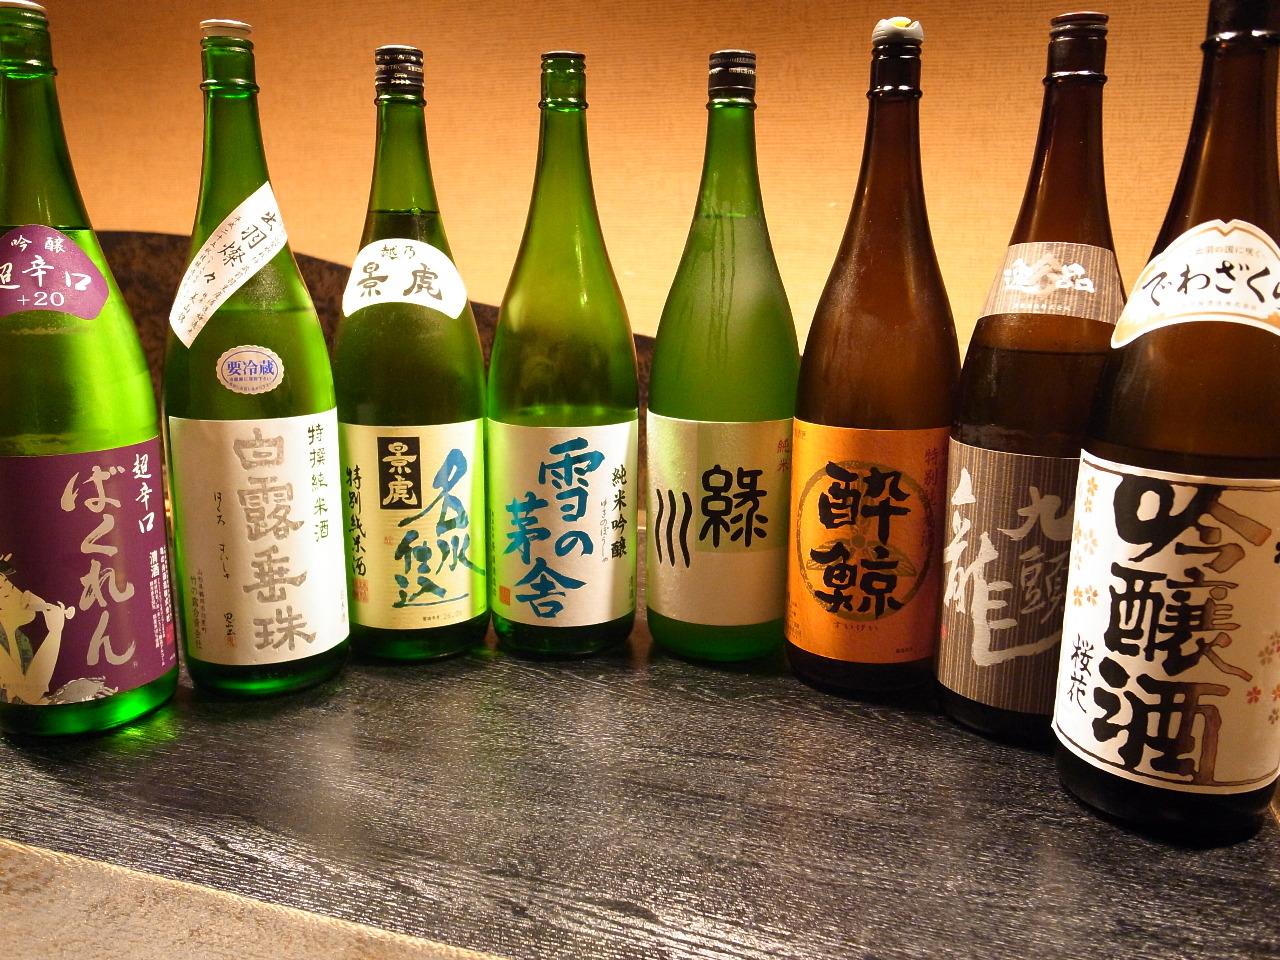 池袋でお魚料理と日本酒を楽しむなら【魚や】へ